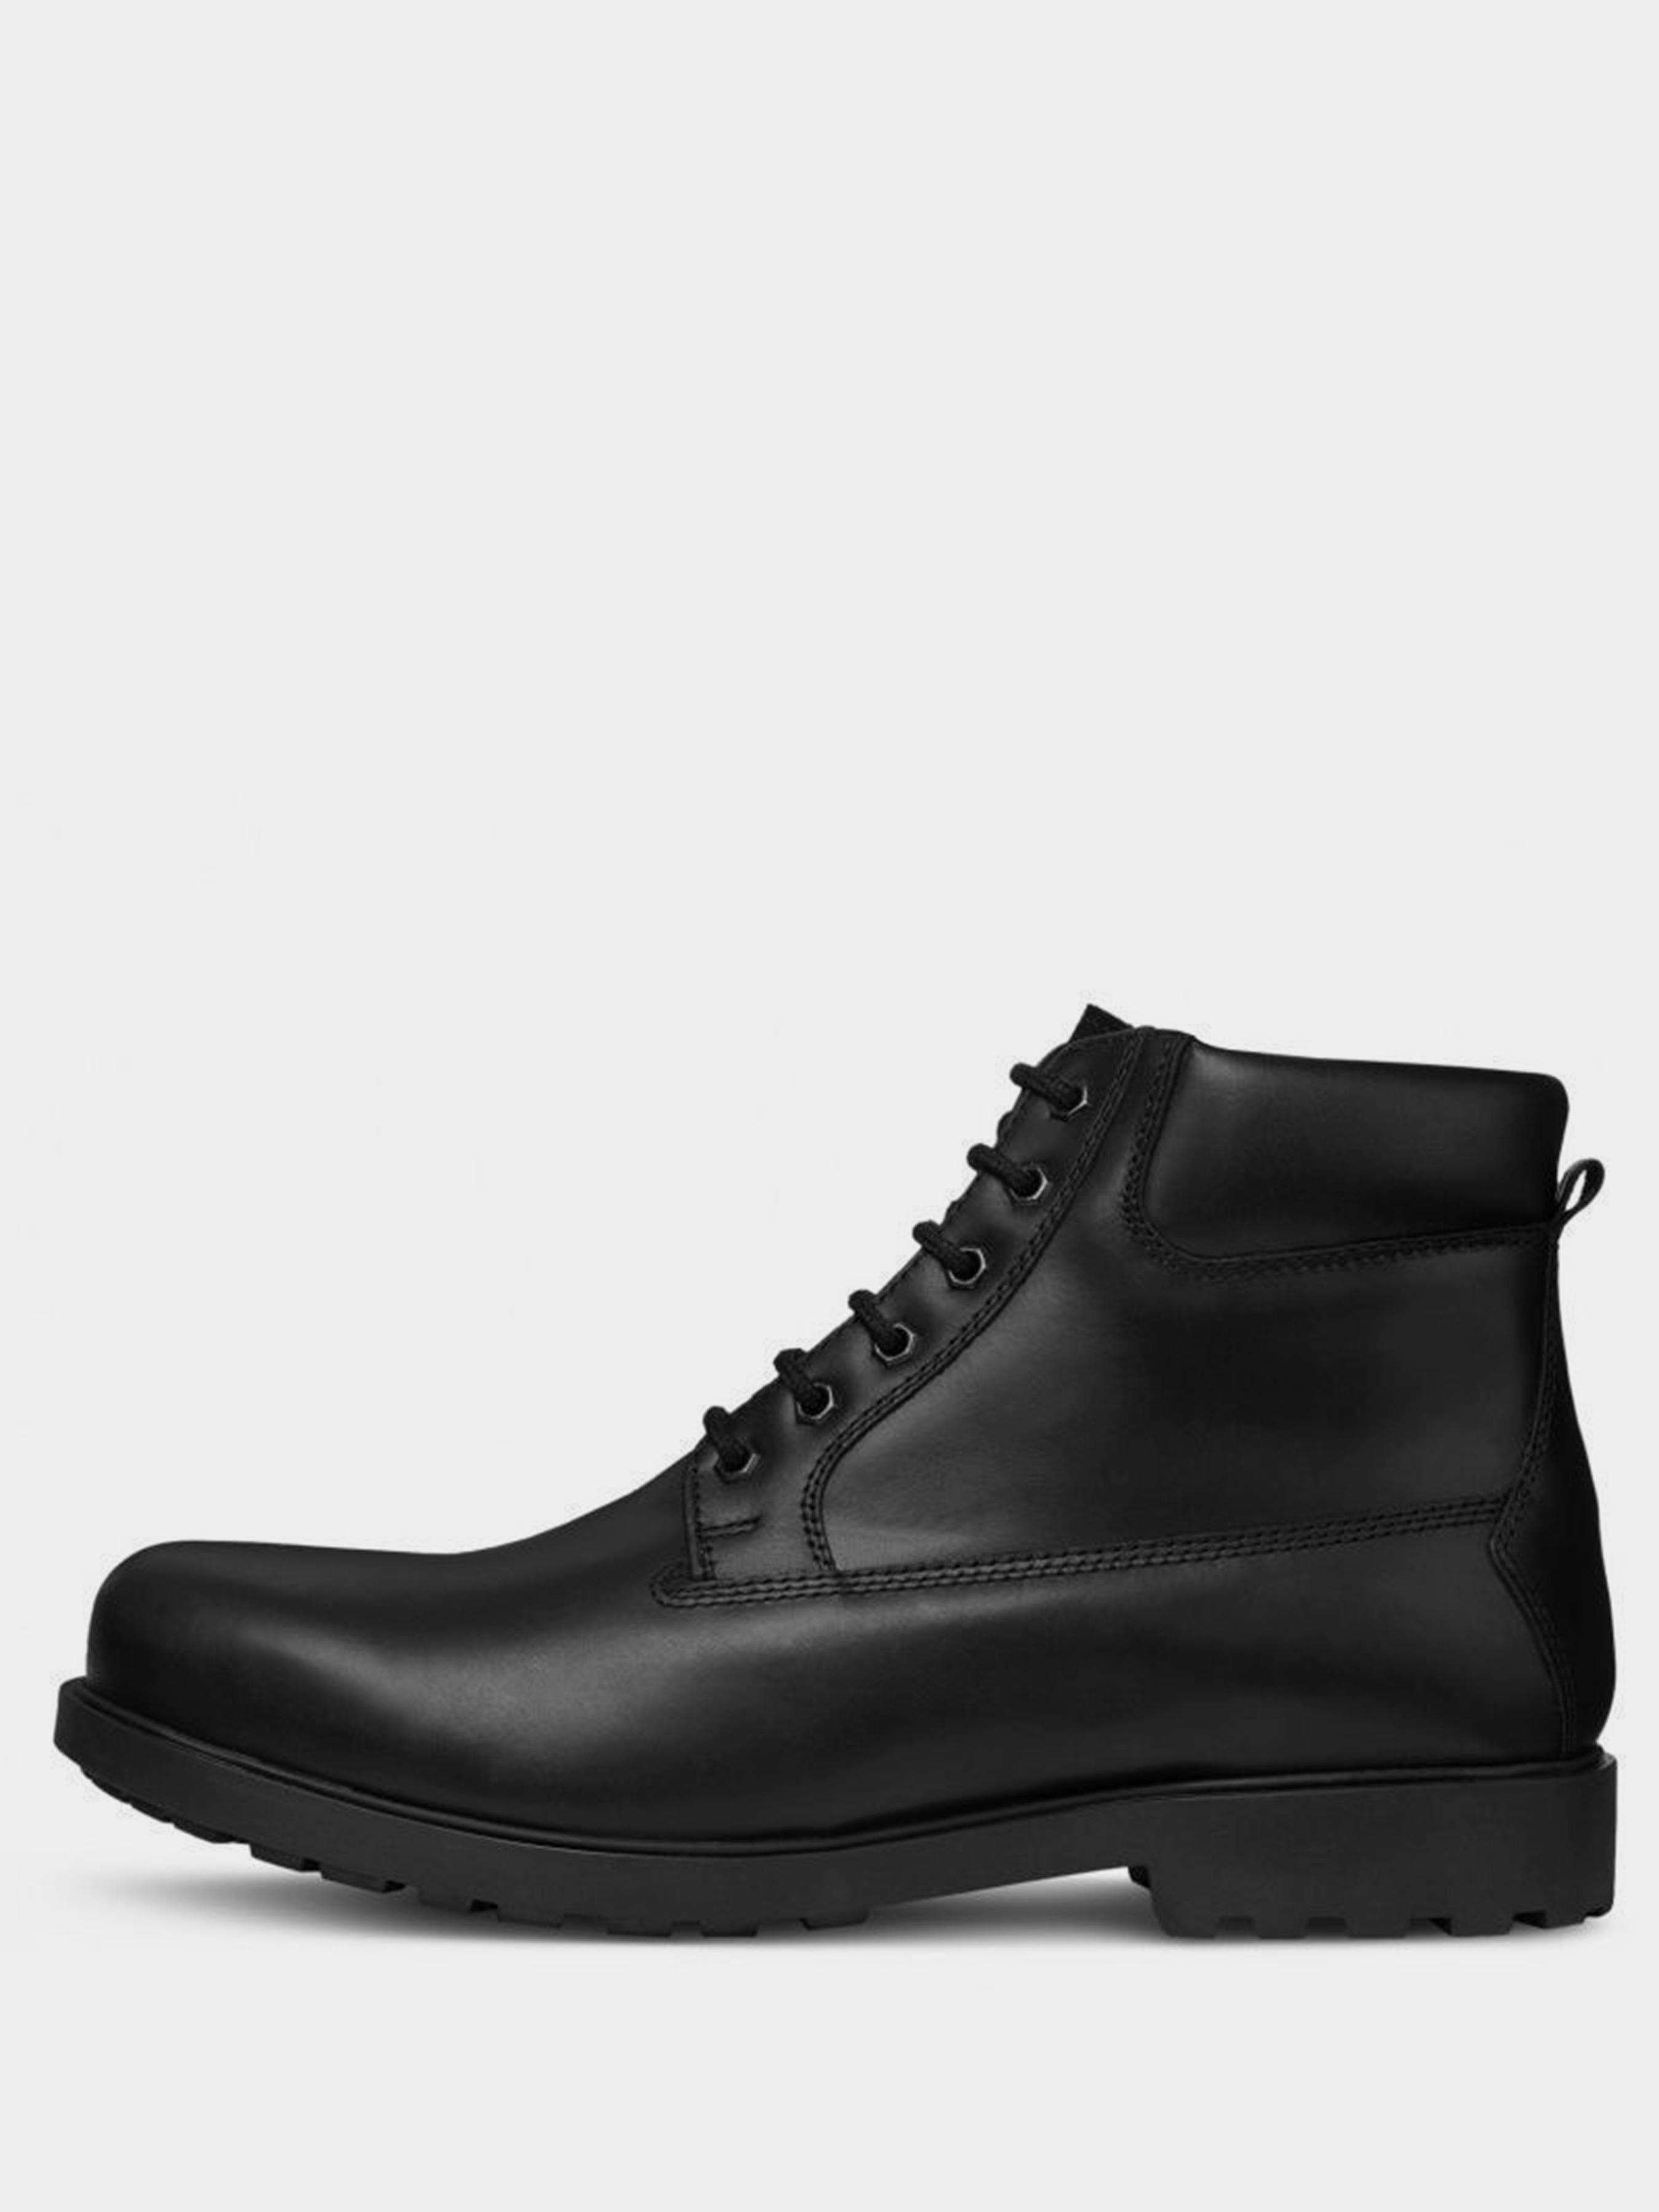 Ботинки для мужчин Geox RHADALF XM1889 , 2017